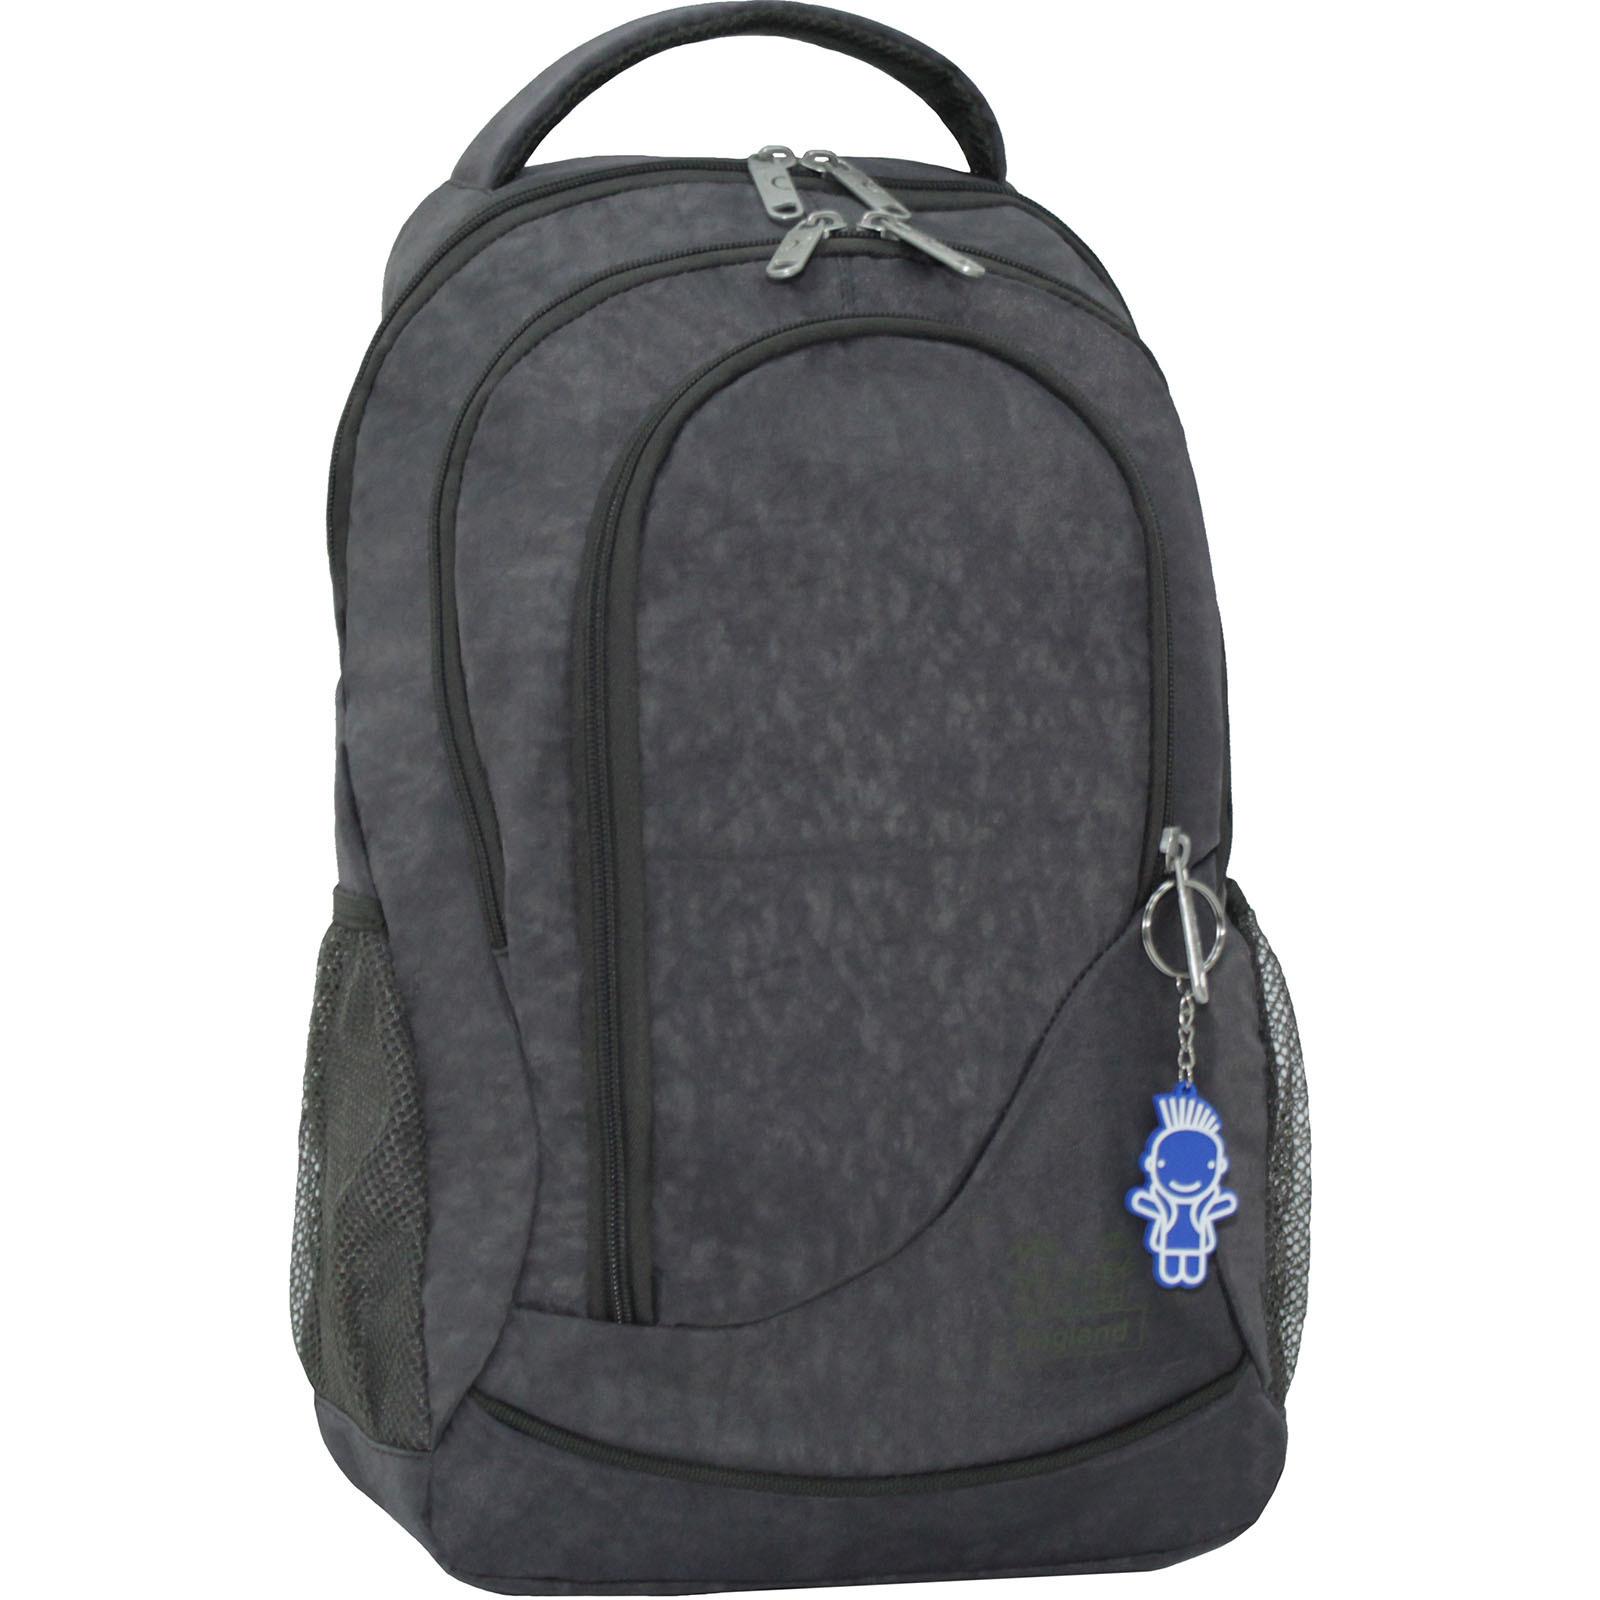 Городские рюкзаки Рюкзак Bagland Бис 21 л. Хаки (0055670) IMG_1815.JPG